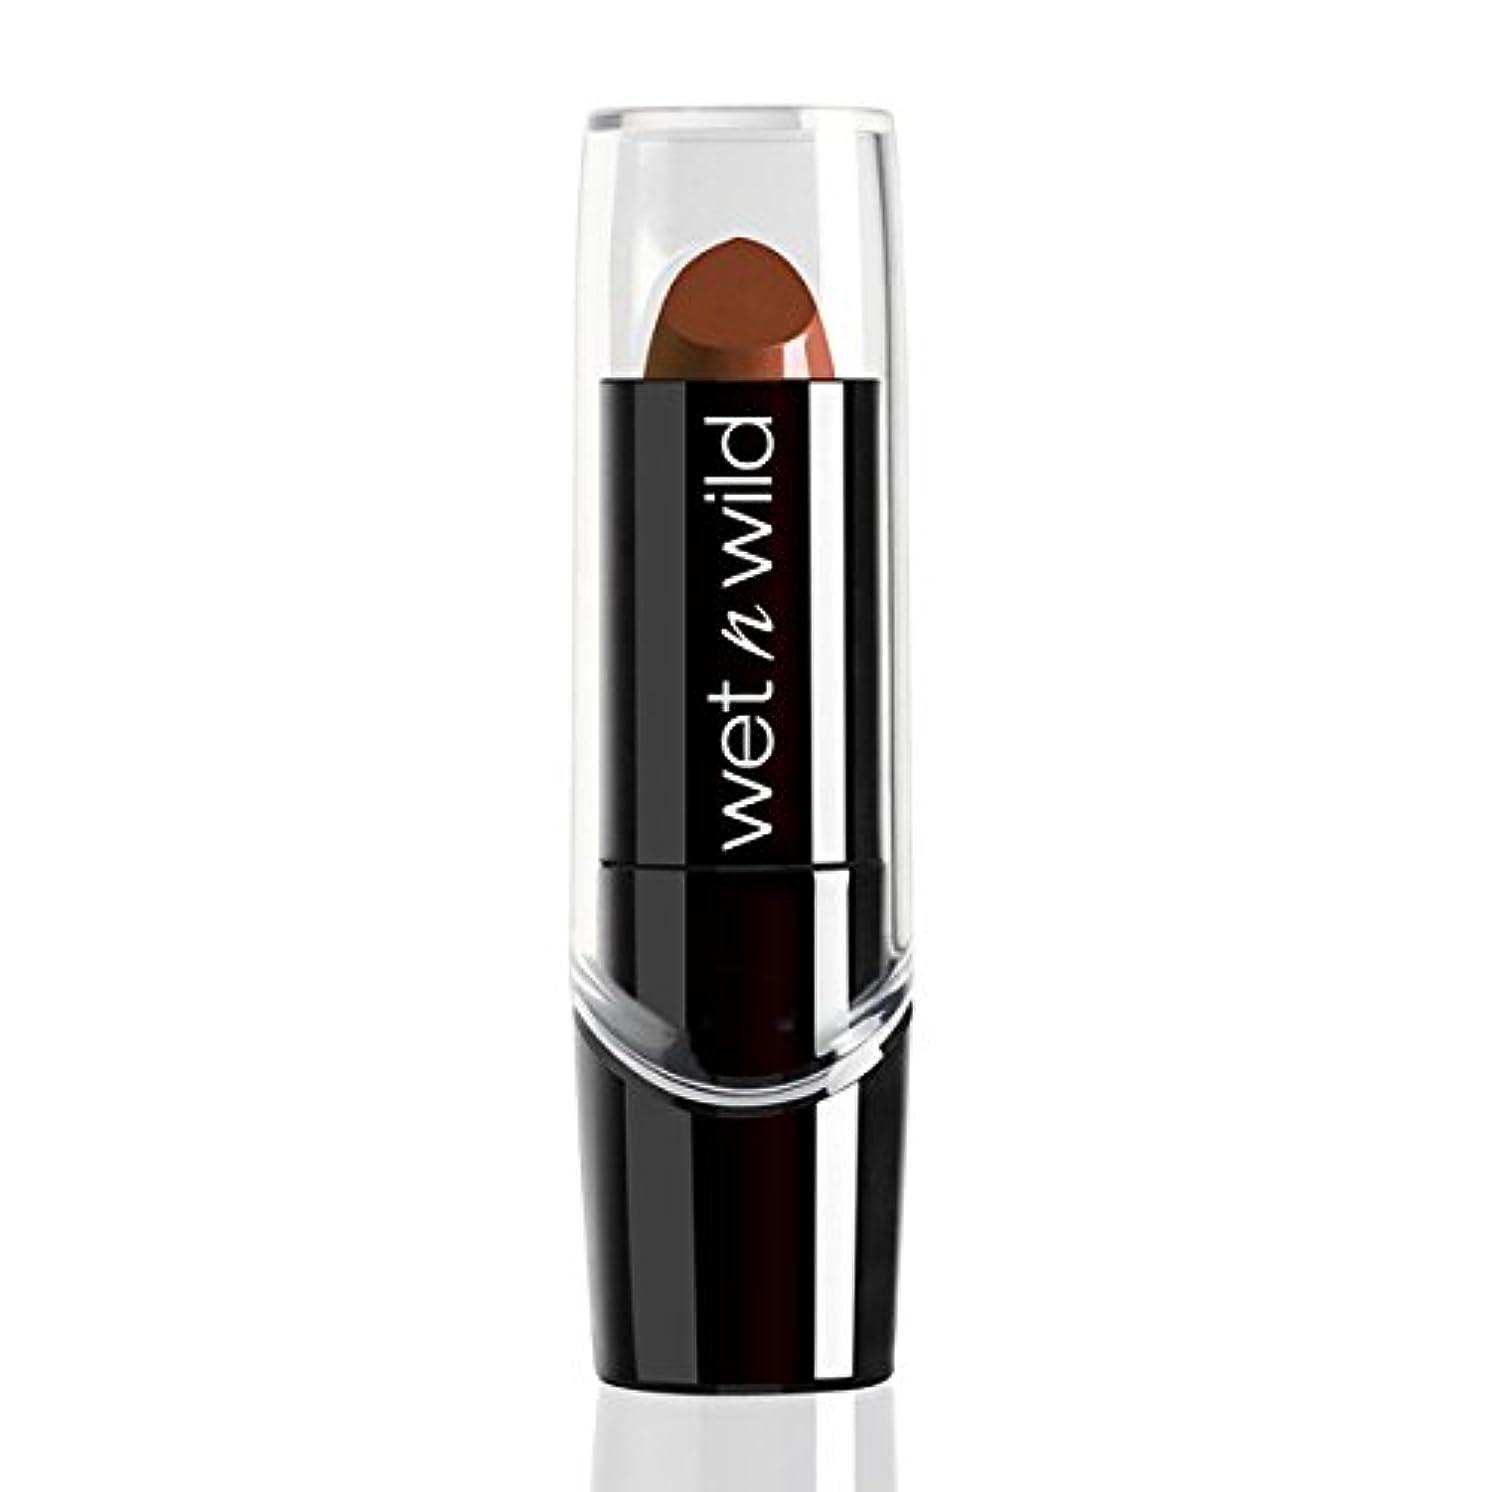 リンク代替案不完全なWET N WILD Silk Finish Lipstick - Mink Brown (並行輸入品)